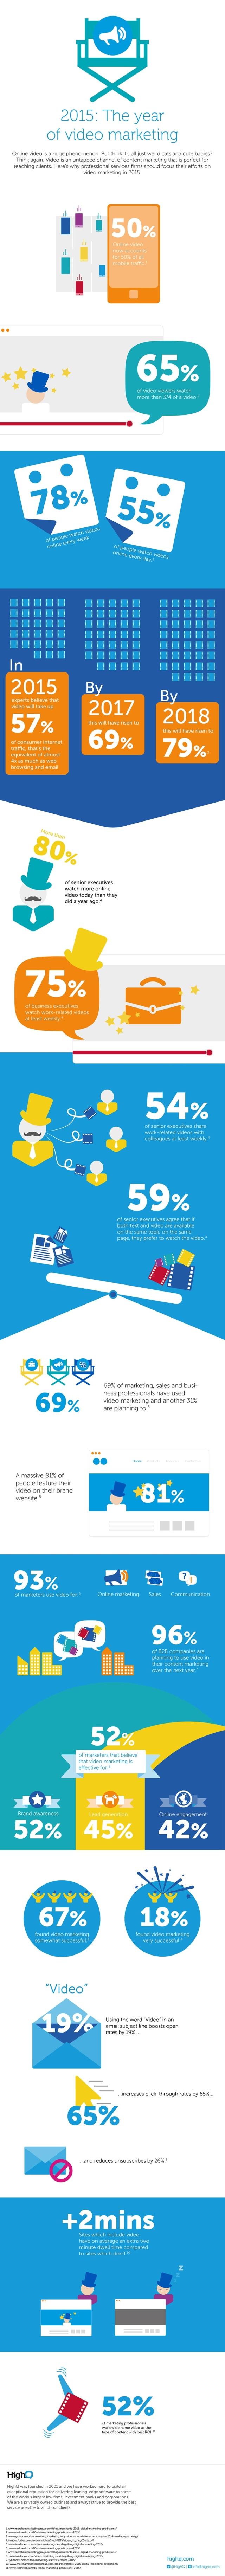 25 Statistiques montrant pourquoi vidéo doit faire partie de votre stratégie de marketing